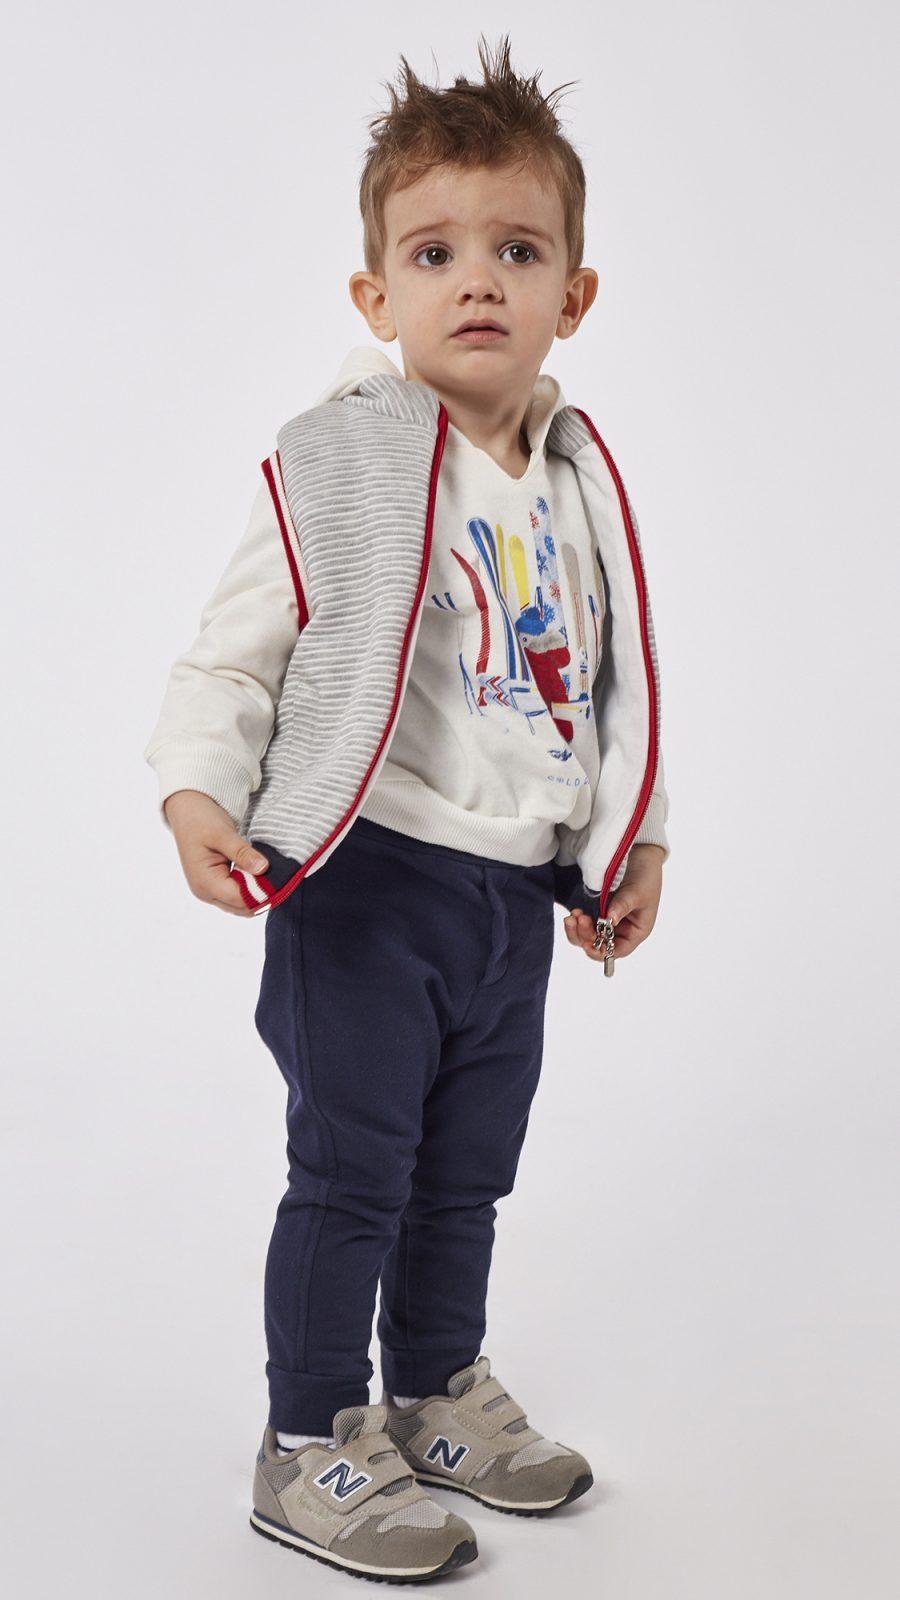 HASHTAG Φόρμα 3τμχ Γιλέκο, Μπλούζα και Παντελόνι